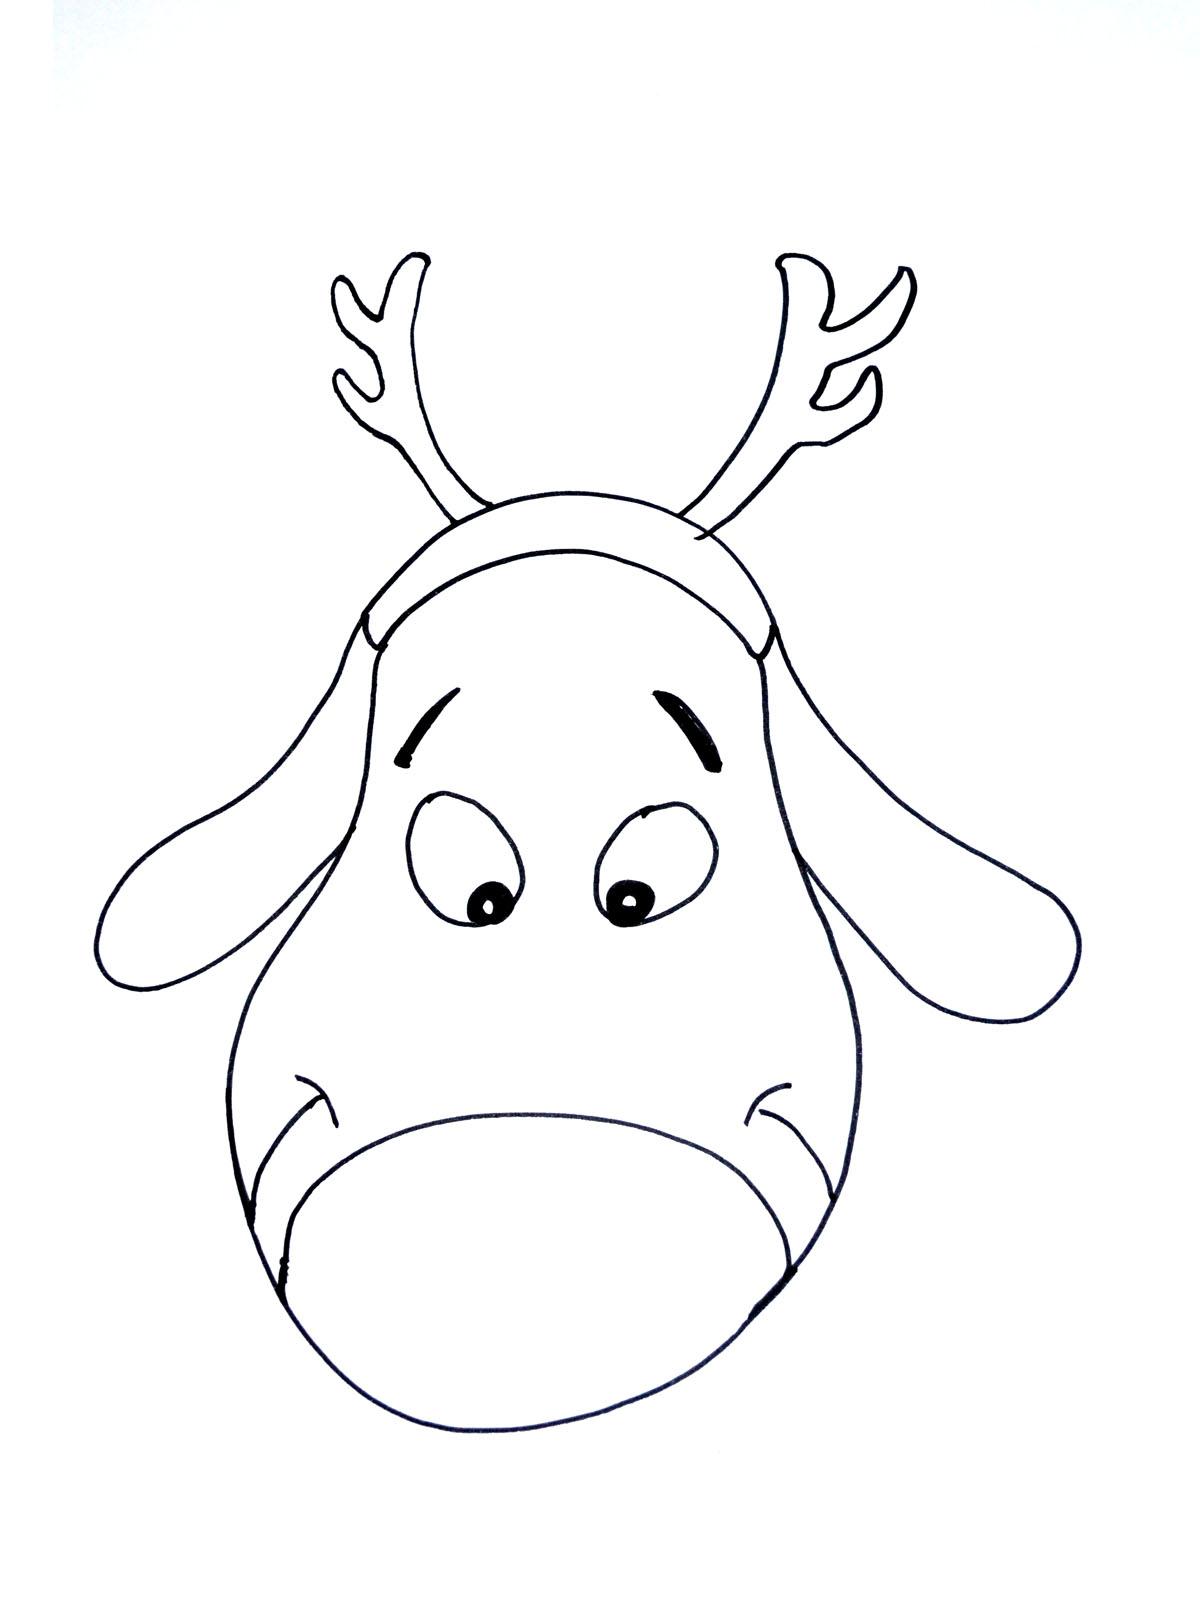 Un renne du Père Noël très simple à colorierA partir de la galerie : Noel